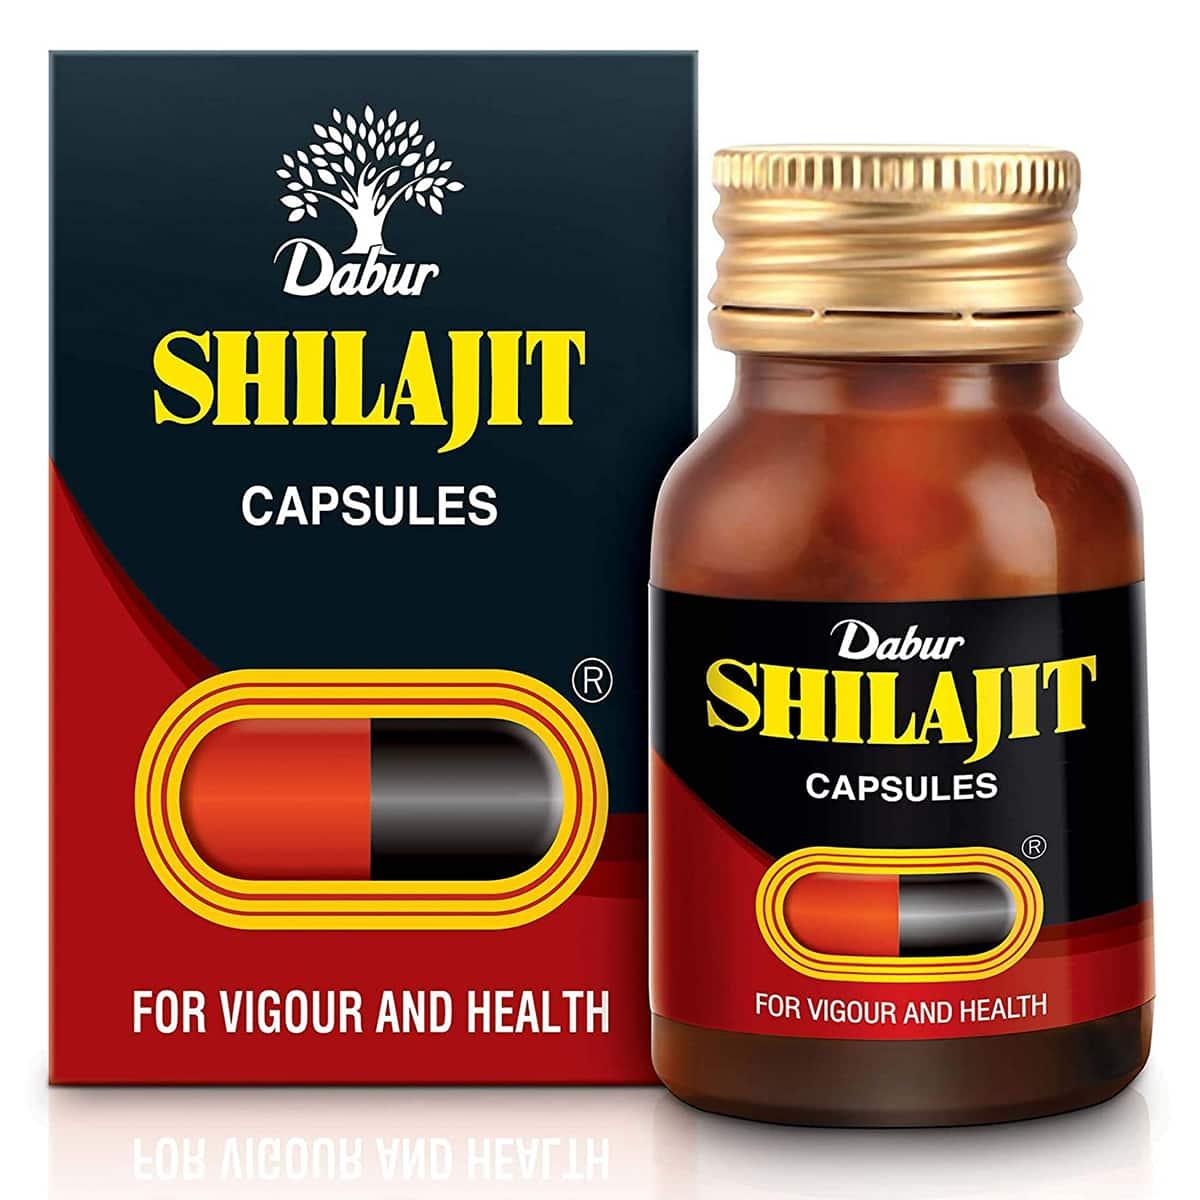 Buy Dabur Shilajit - 30 Capsules